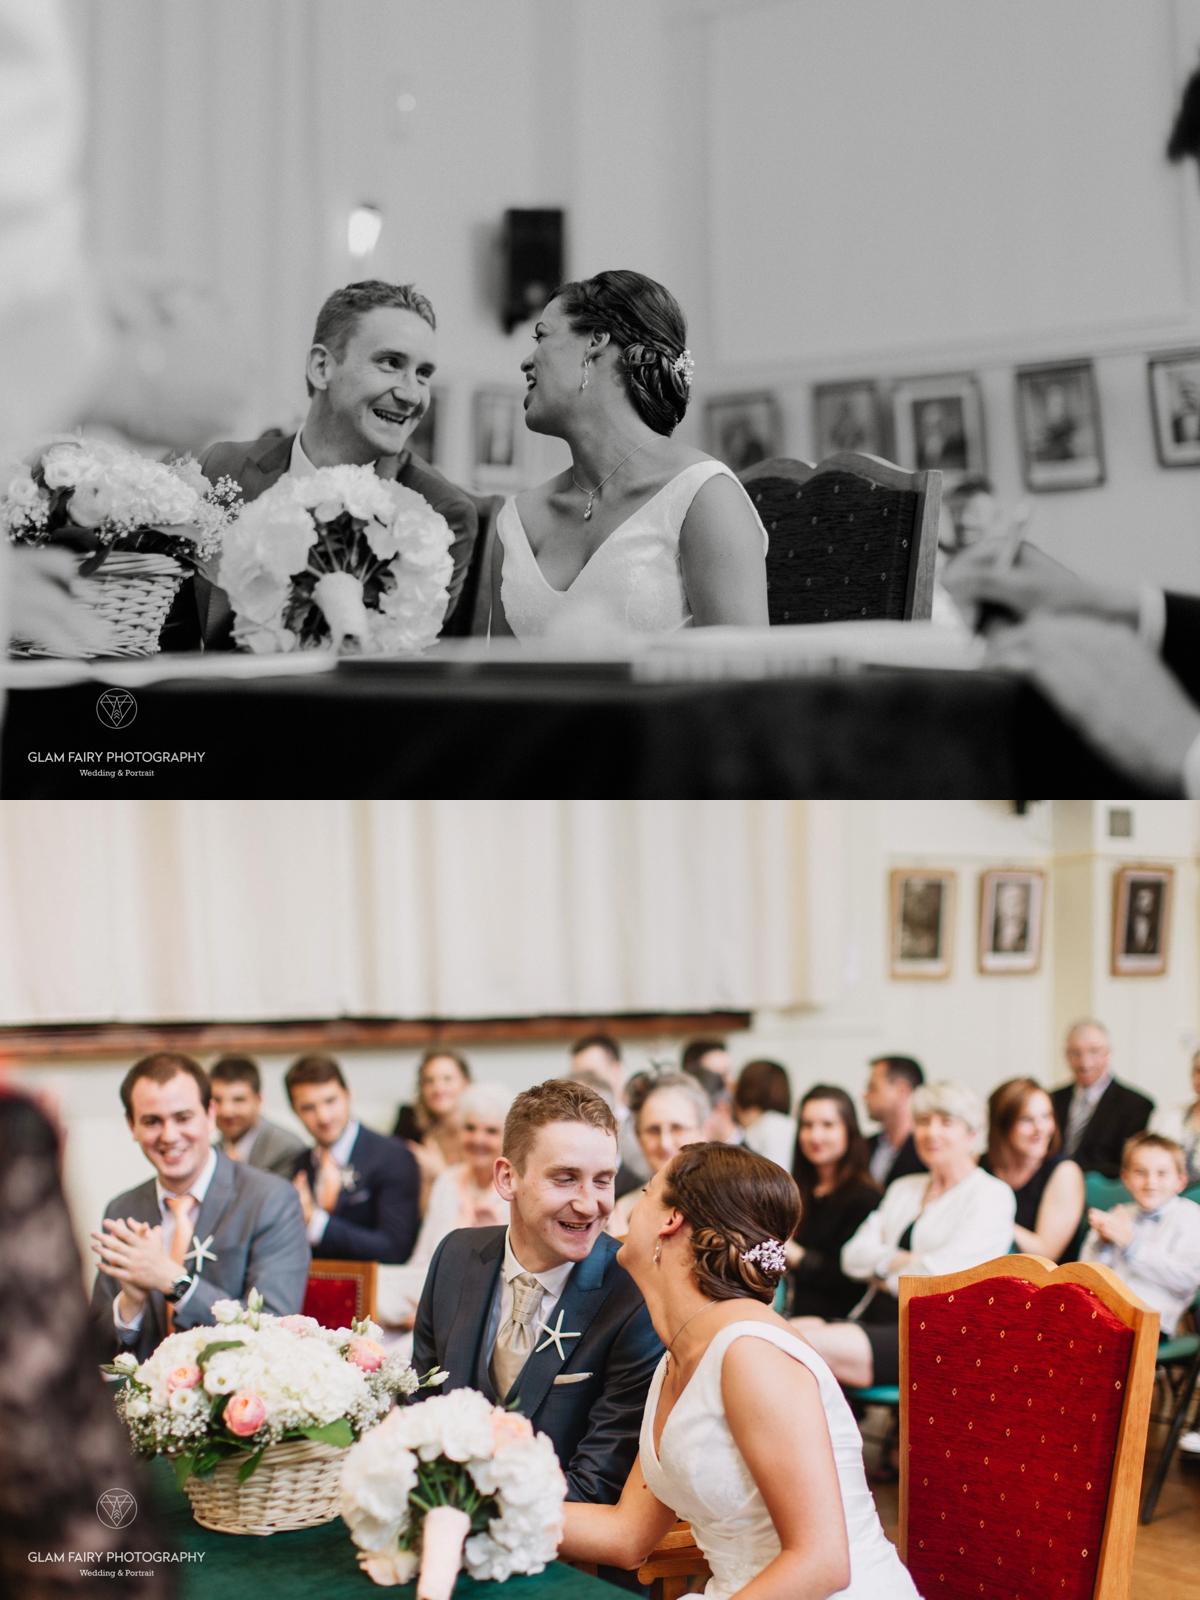 glamfairyphotography-mariage-manoir-de-portejoie-anais_0038